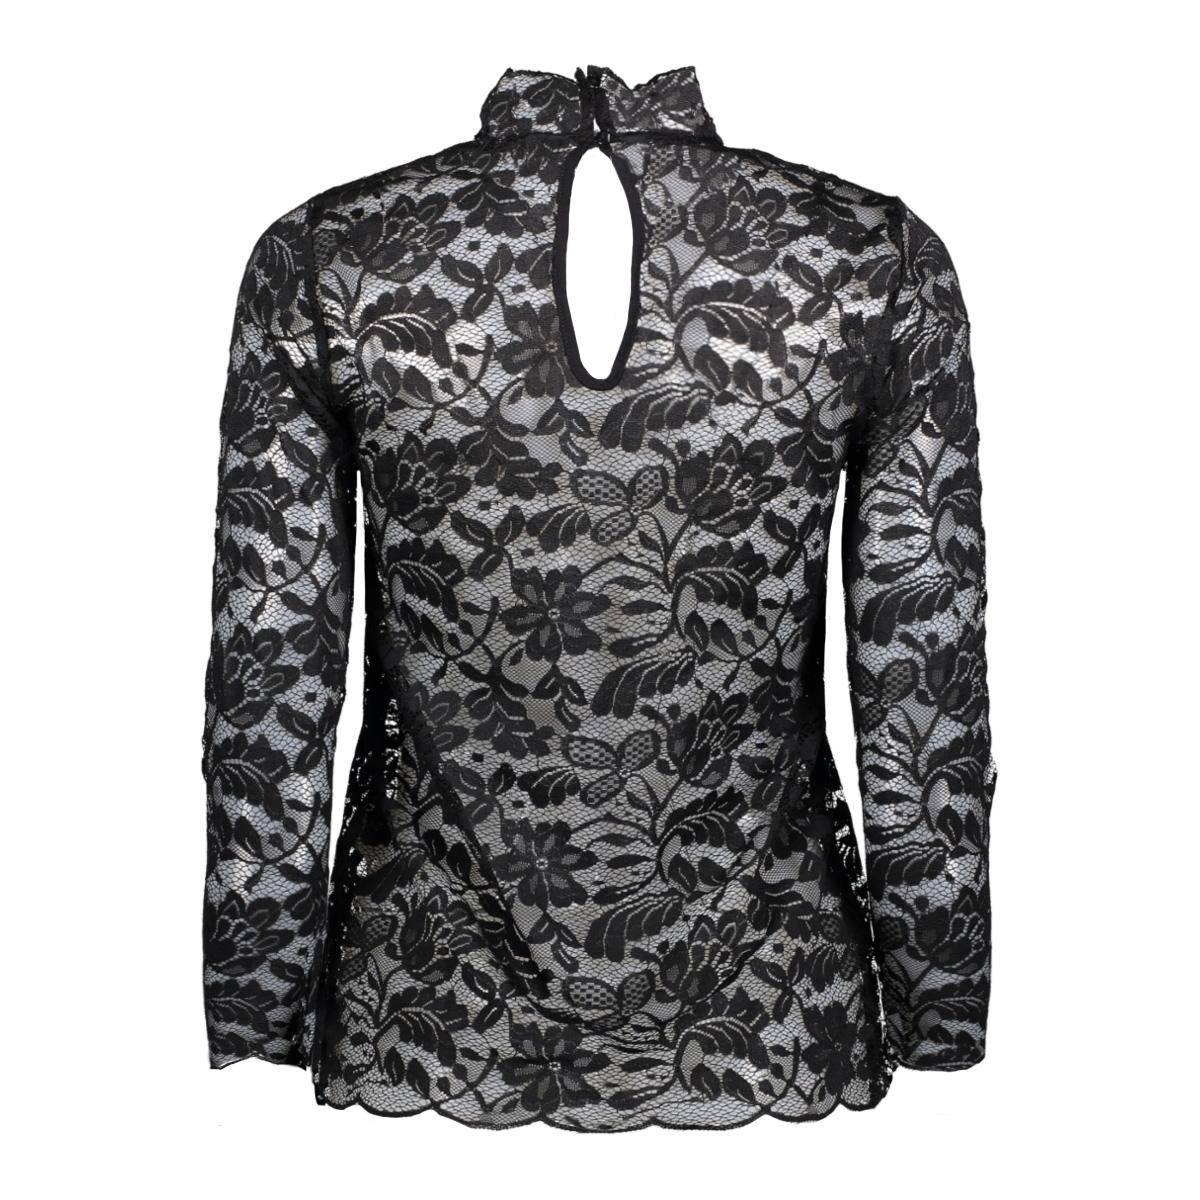 jdygoldie l/s highneck top jrs ka 15141725 jacqueline de yong t-shirt black